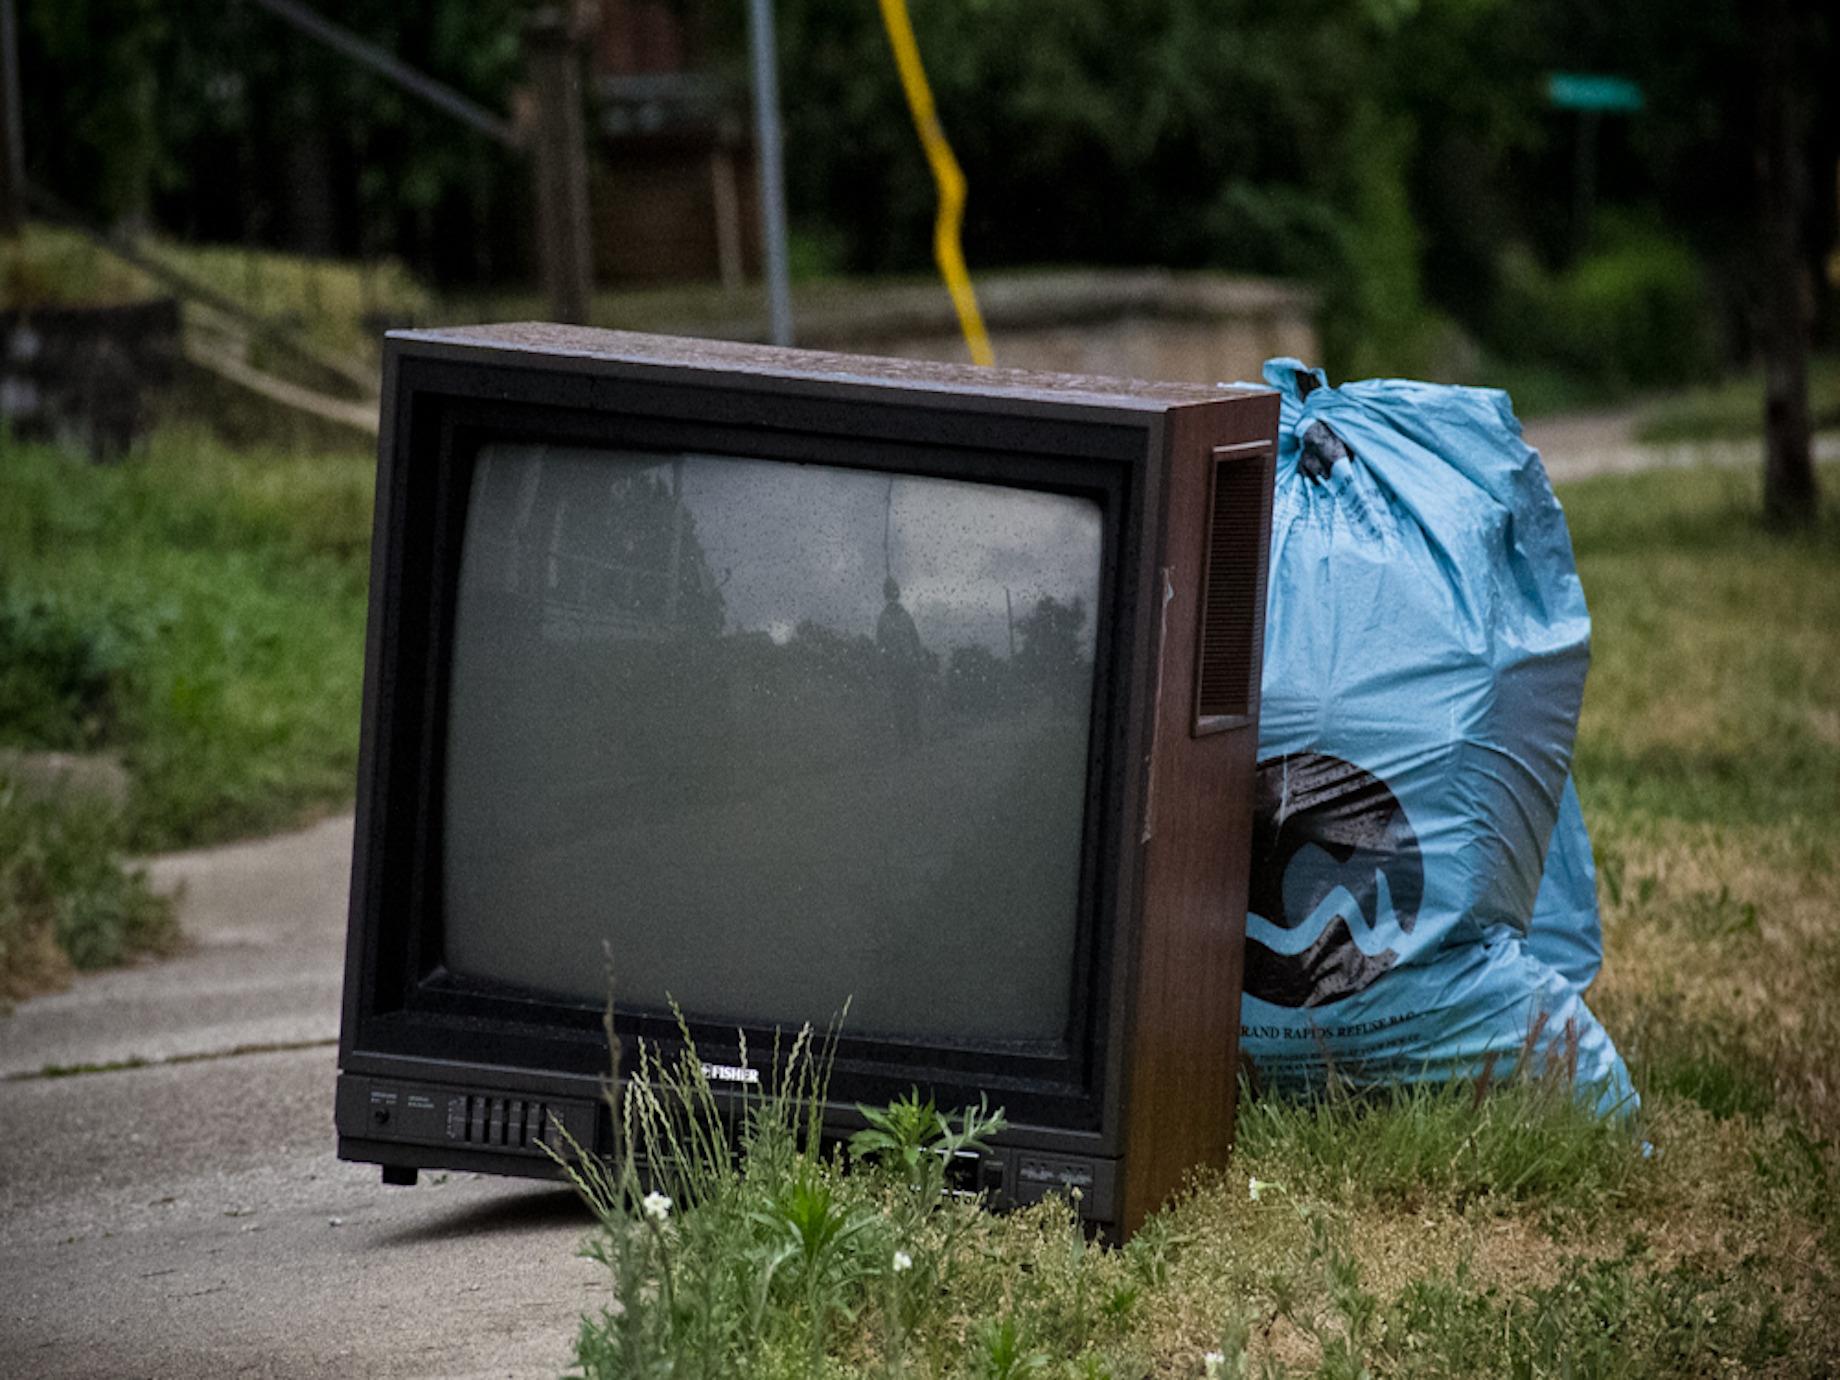 大螢幕、小螢幕與客廳 — 談互動電視的衰亡